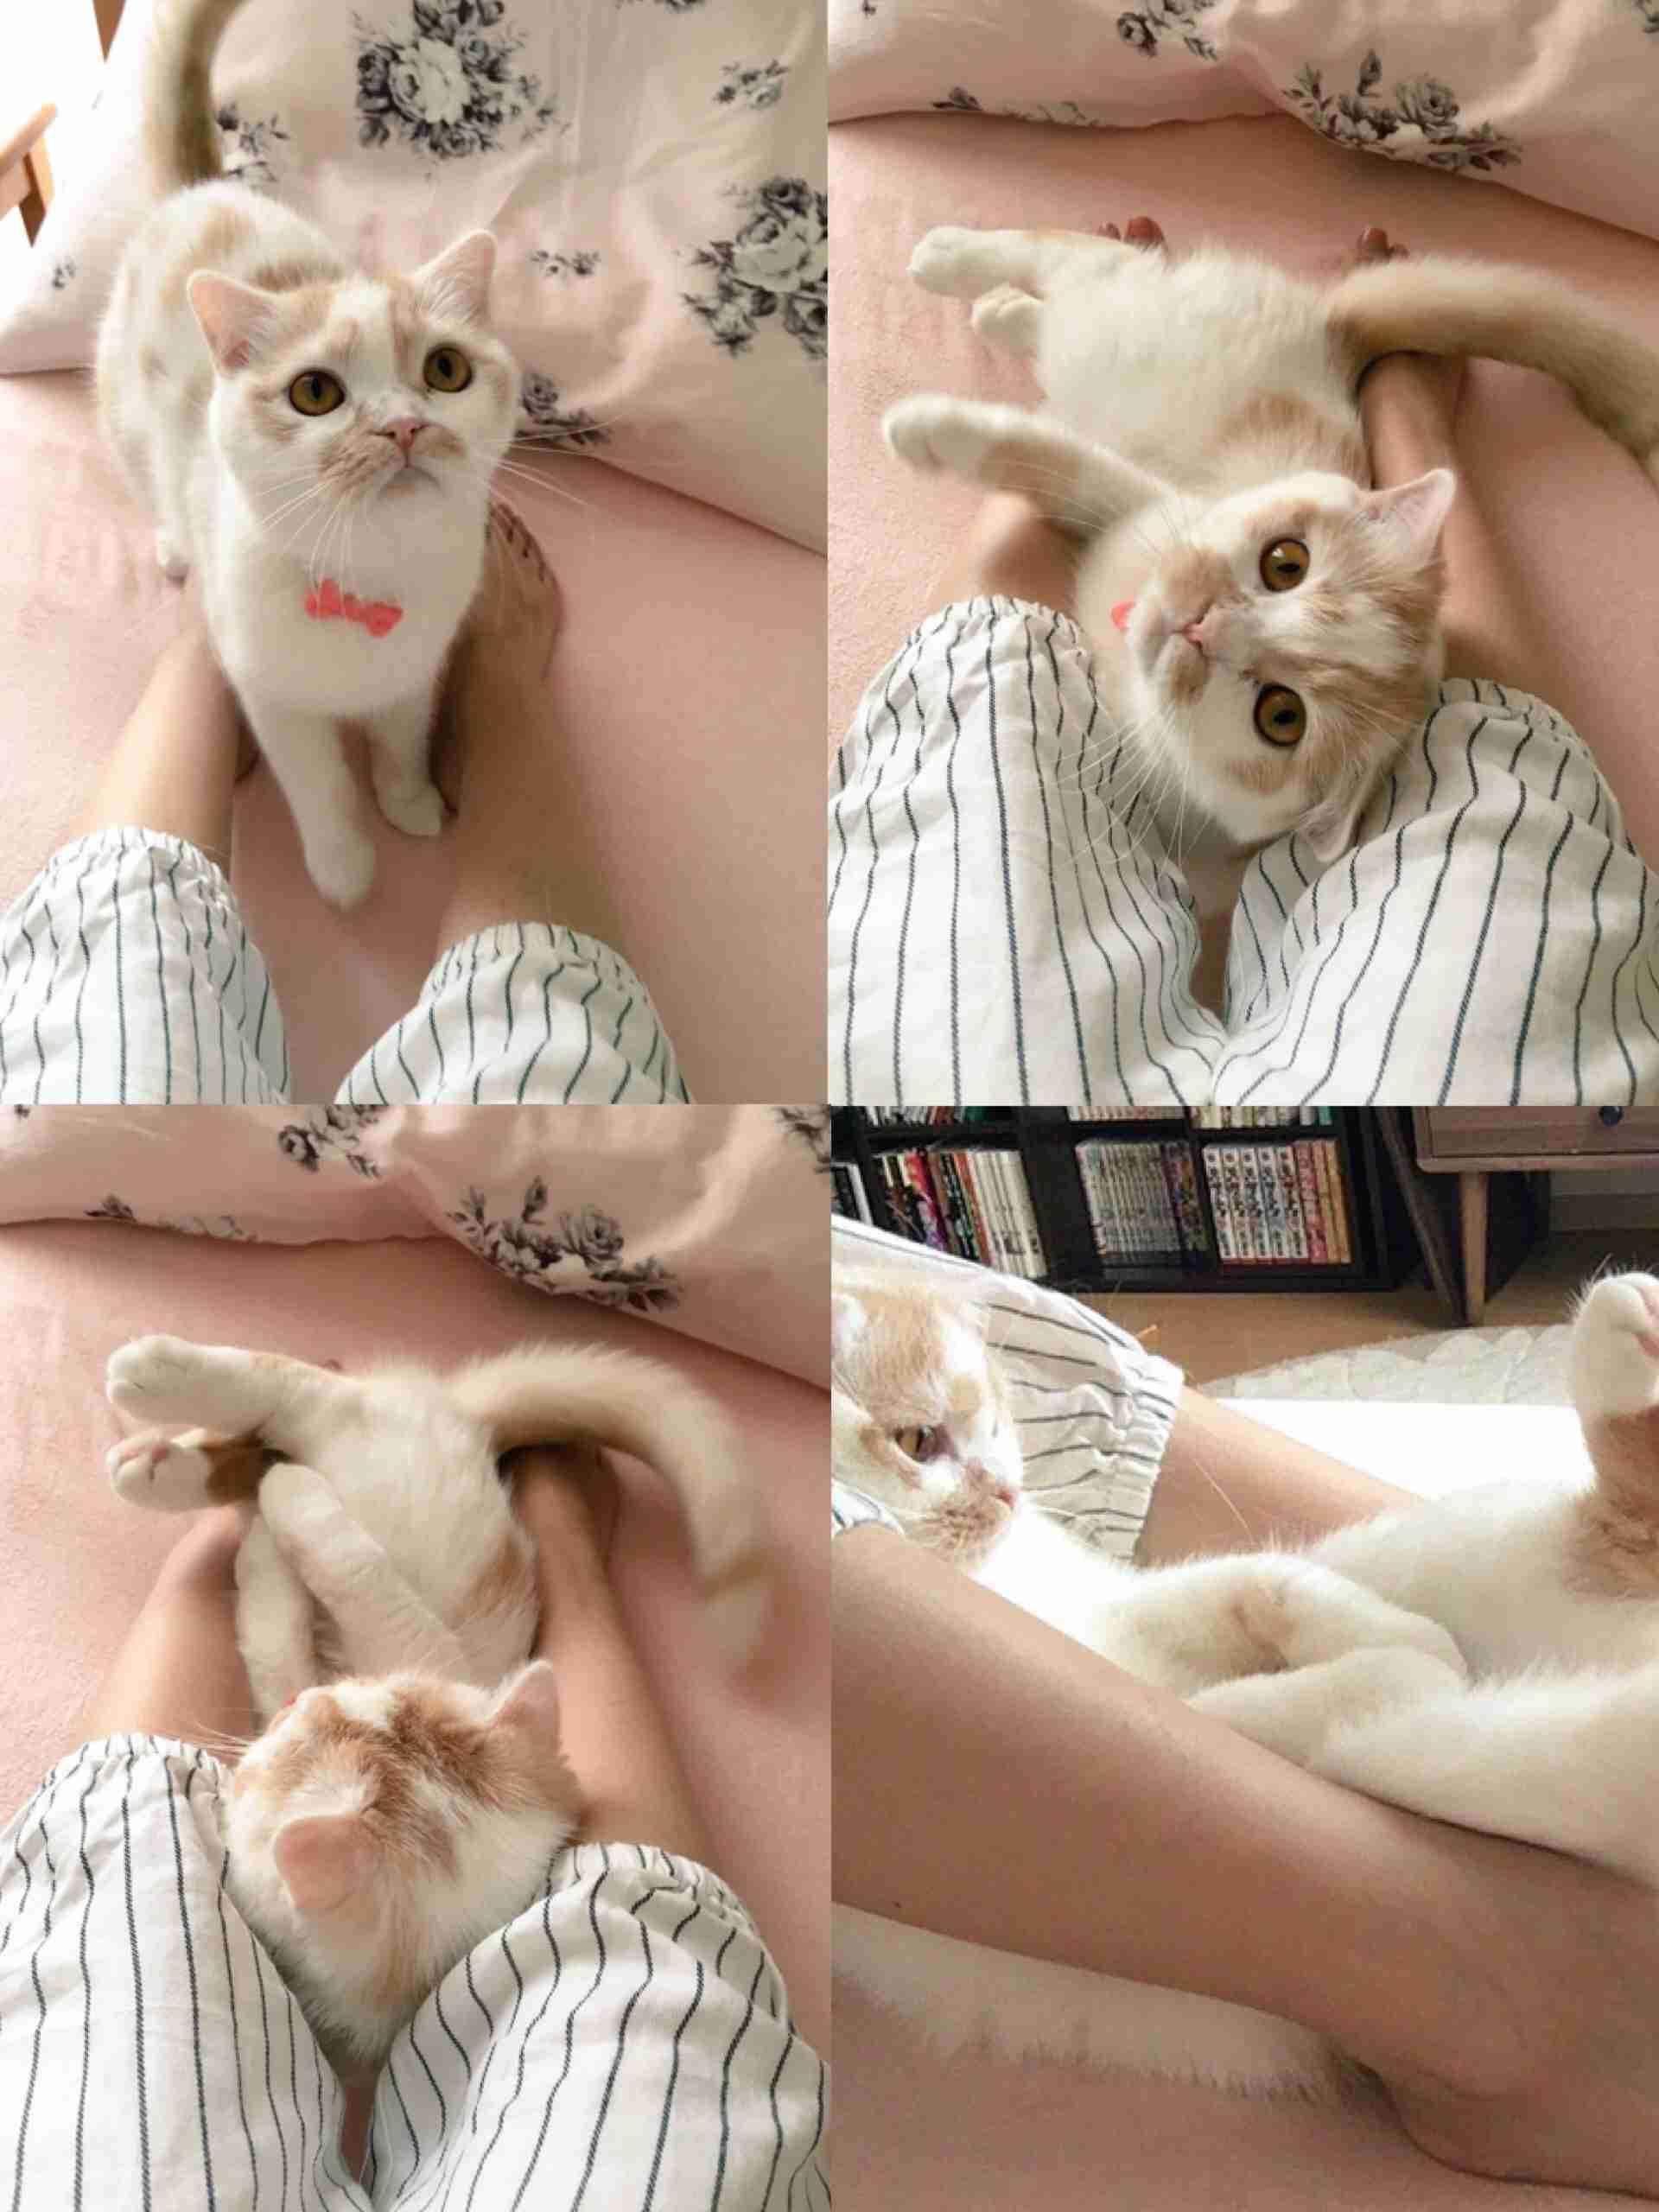 「膝の上座らして」 直立姿勢でじーっと見つめてくる猫さんがかわいい